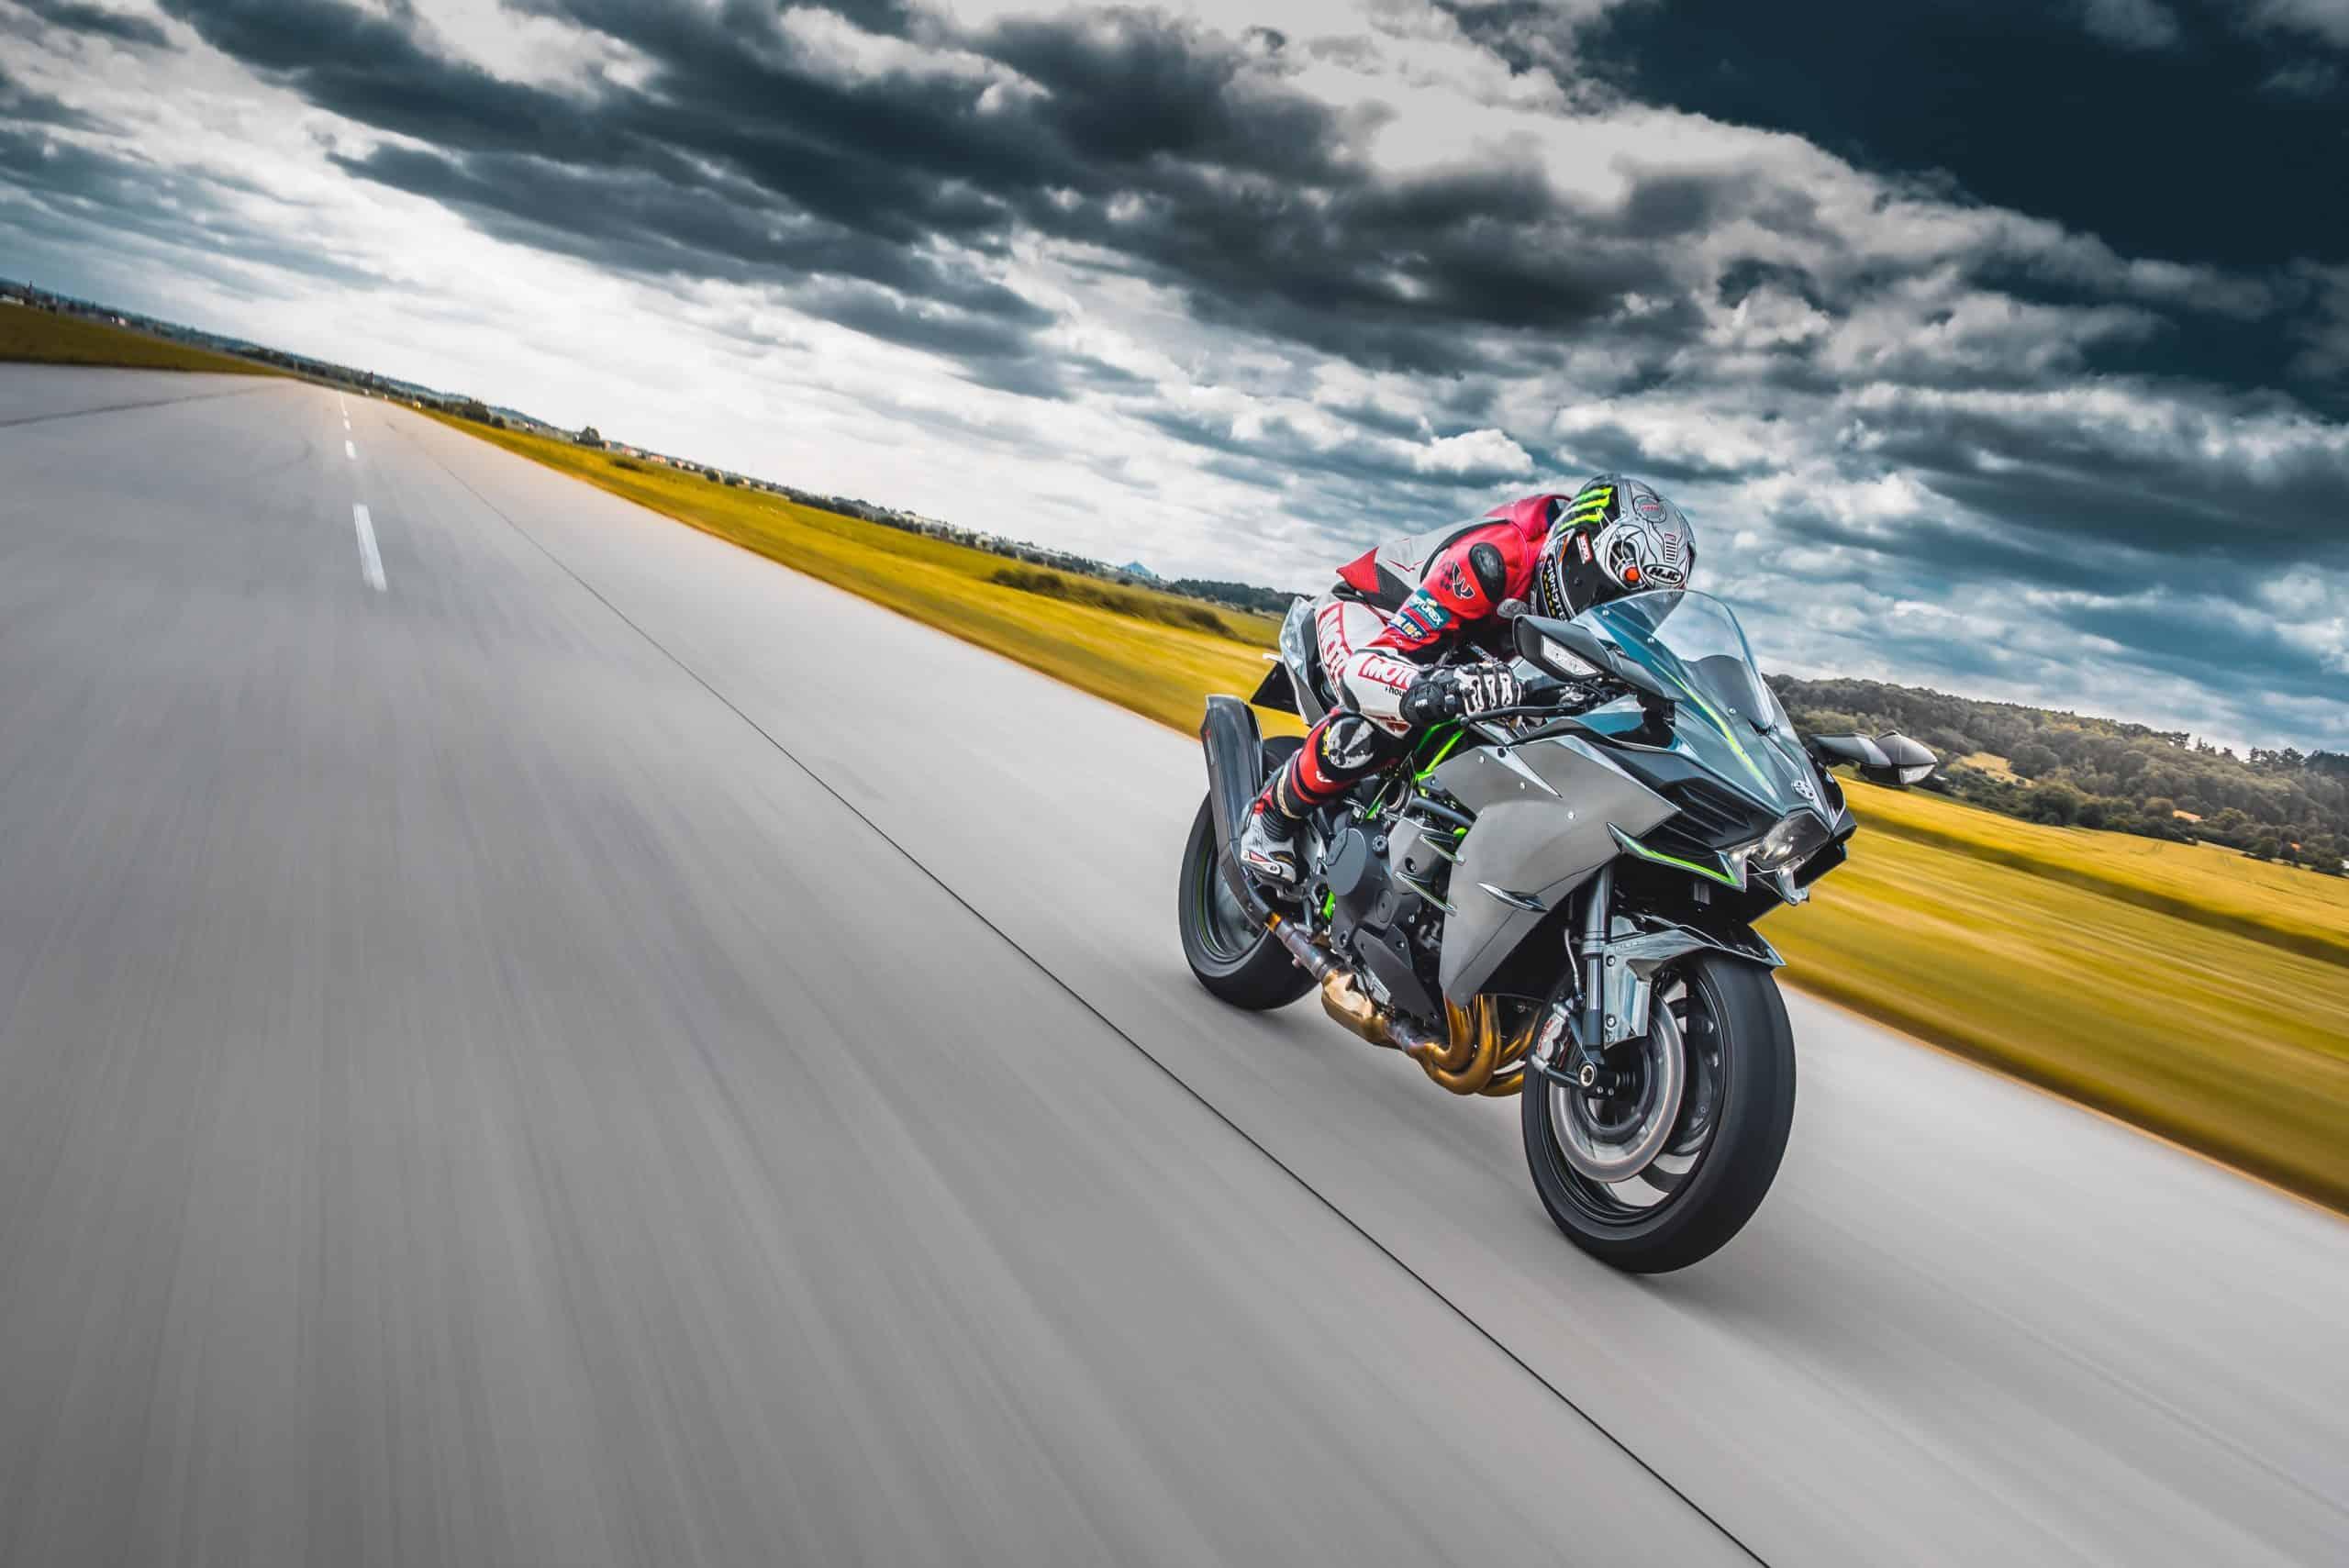 Rynek motoryzacyjny. Po trzech kwartałach 2020 najlepiej sprzedają się motocykle